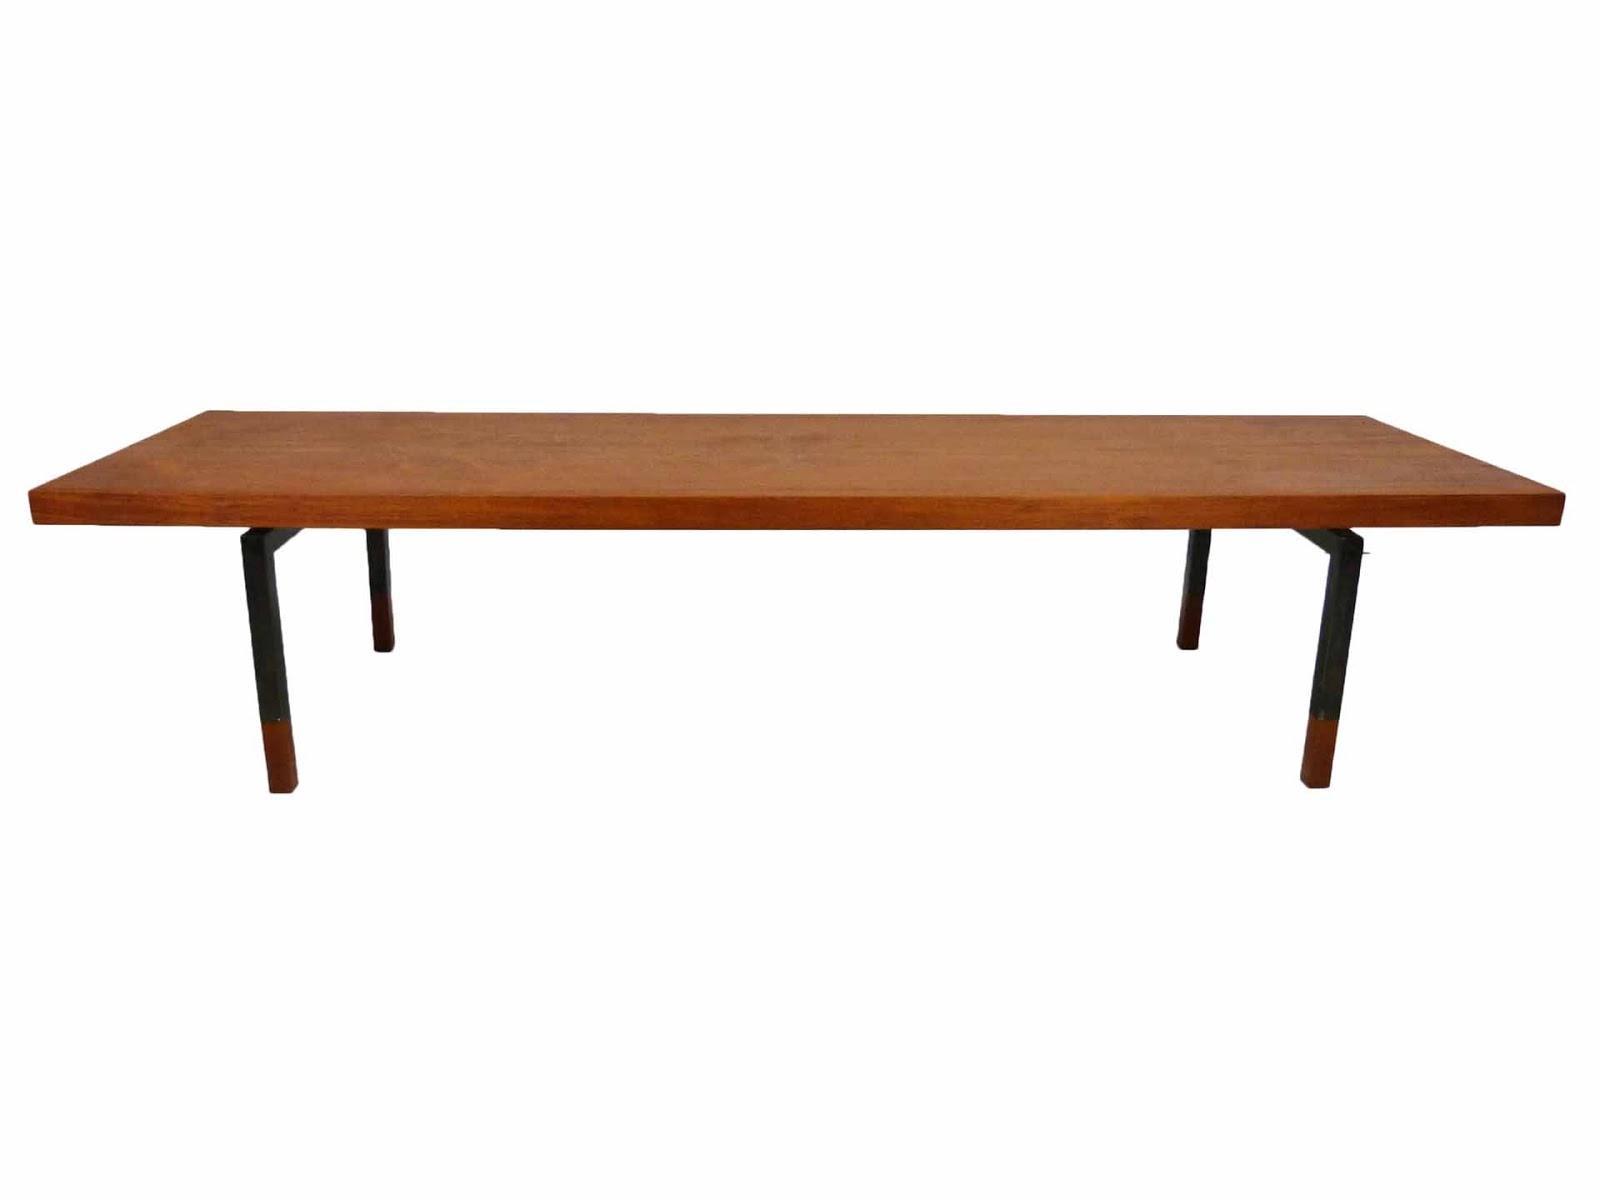 Johannes Aasbjerg Illums Bolighus Danish Modern Teak Sabots Steel Coffee  Table